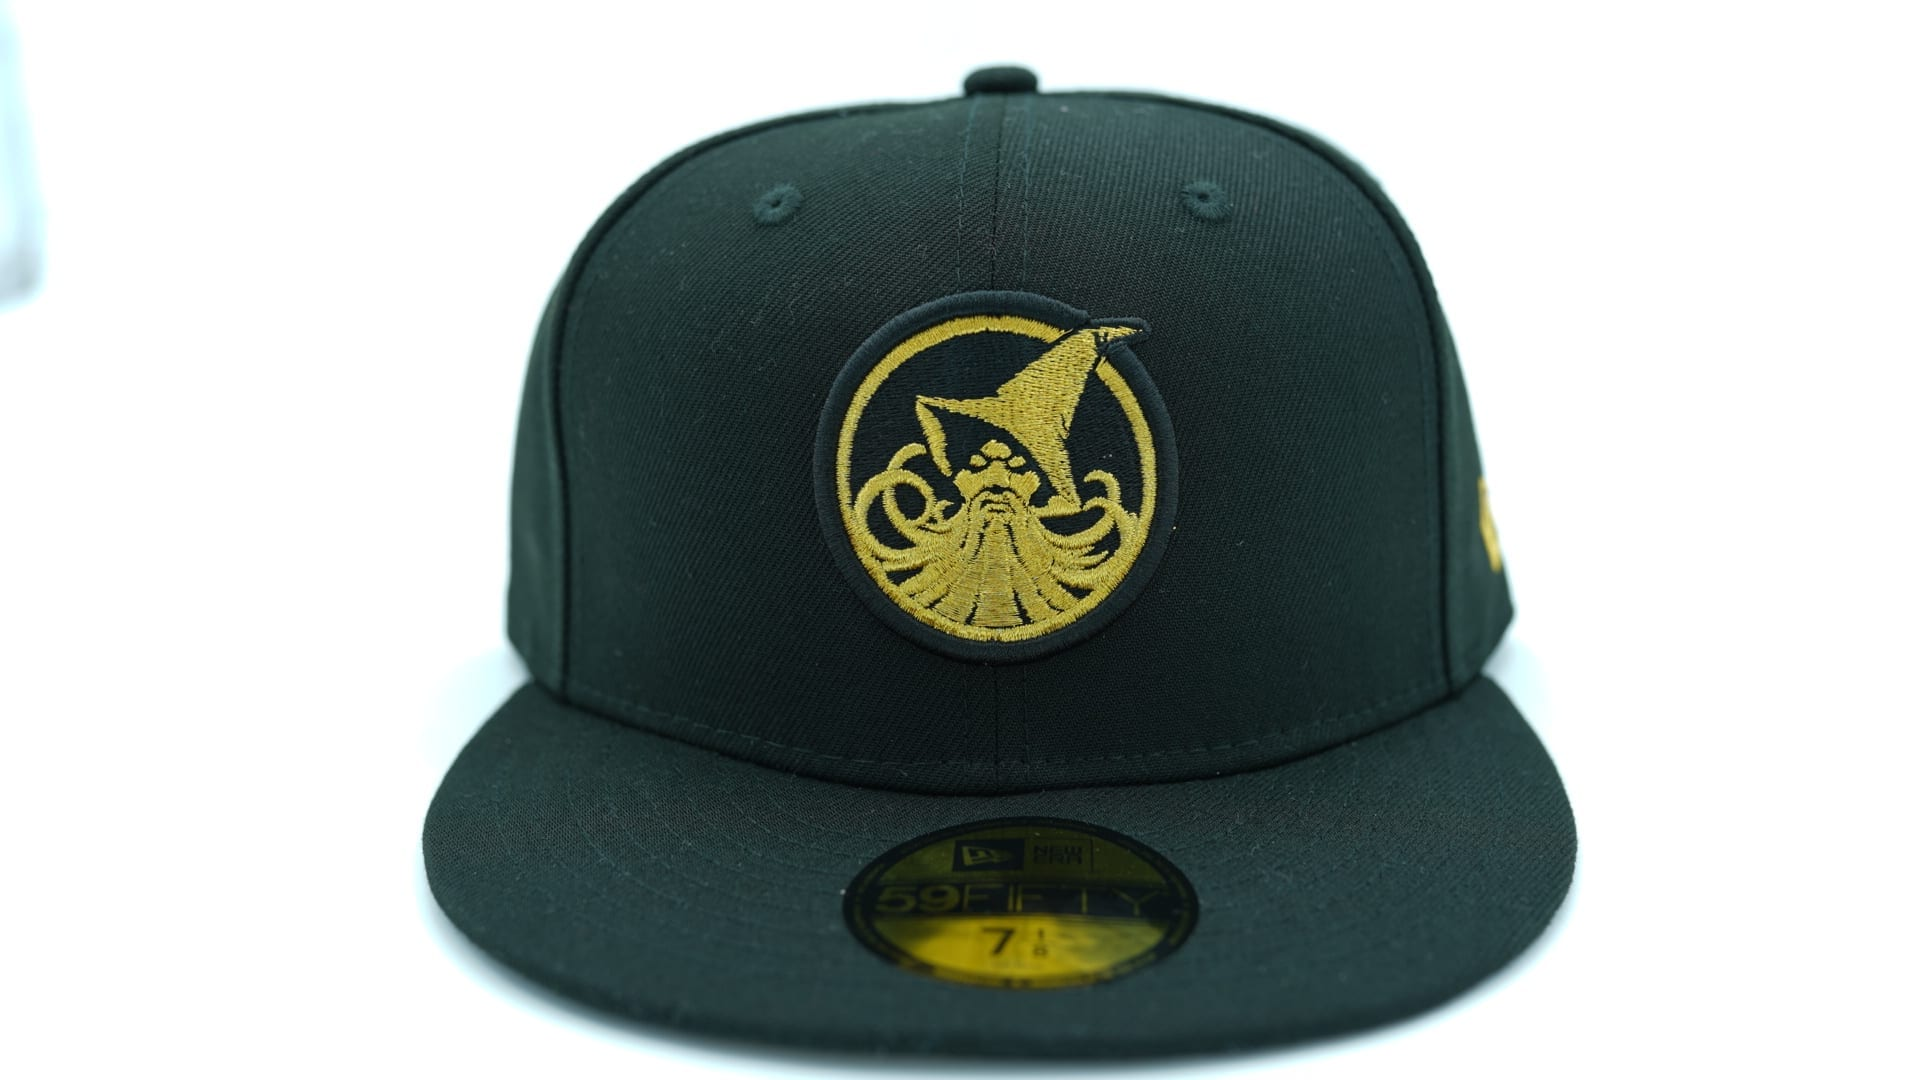 Dallas Cowboys Legacy Vapor Swoosh Flex Hat by NIKE x NFL